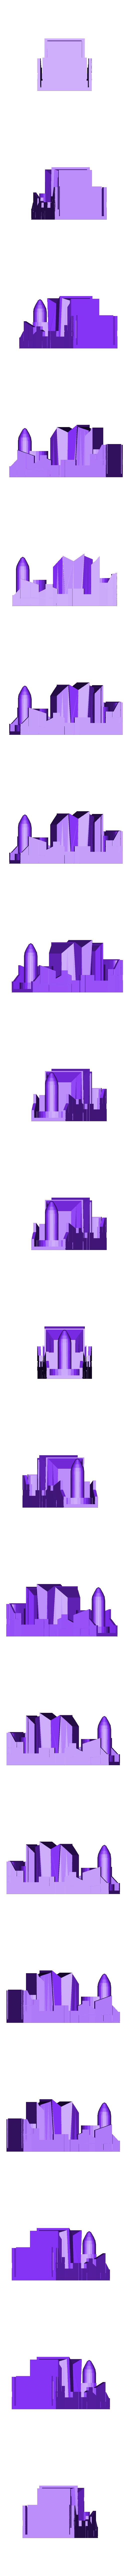 Front_LowerAB.stl Télécharger fichier STL gratuit Frégate Nebulon B (coupée et sectionnée) • Modèle pour impression 3D, Masterkookus